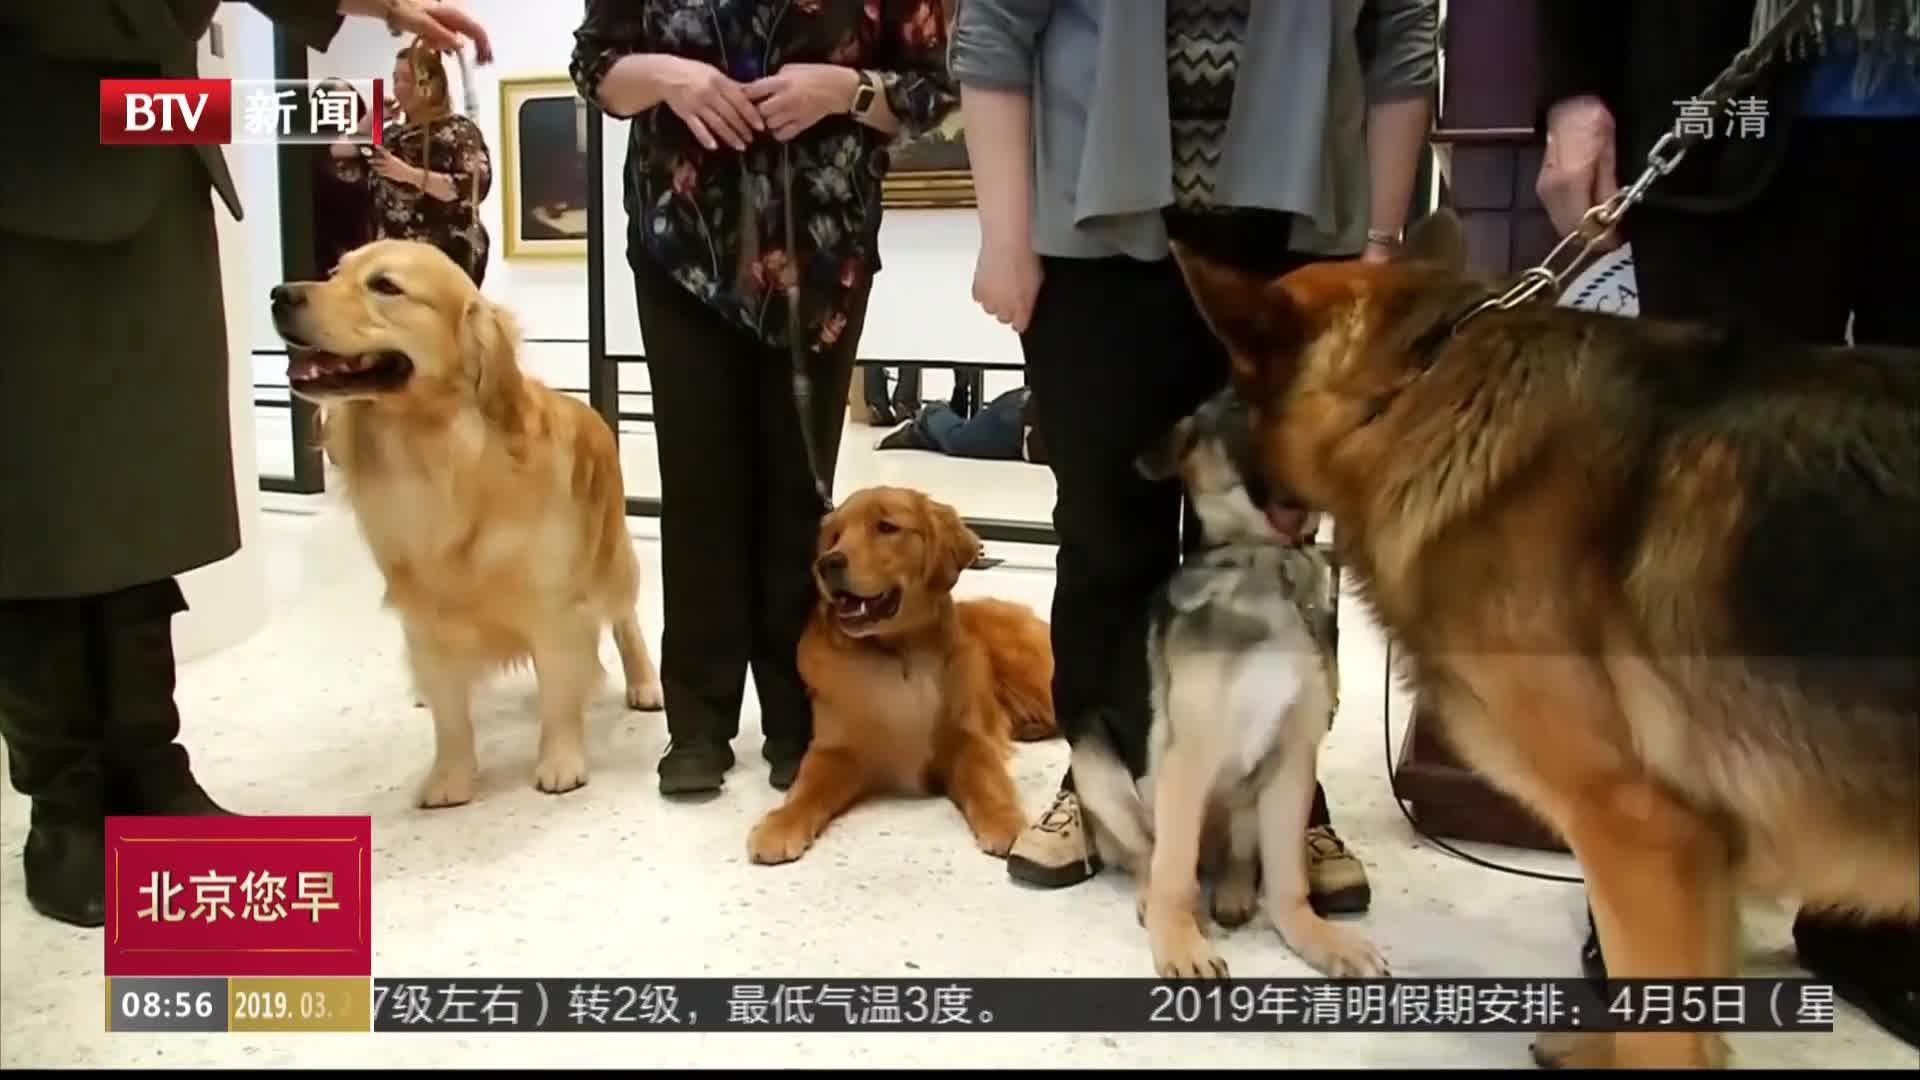 [视频]拉布拉多再登全美最受欢迎犬种榜首